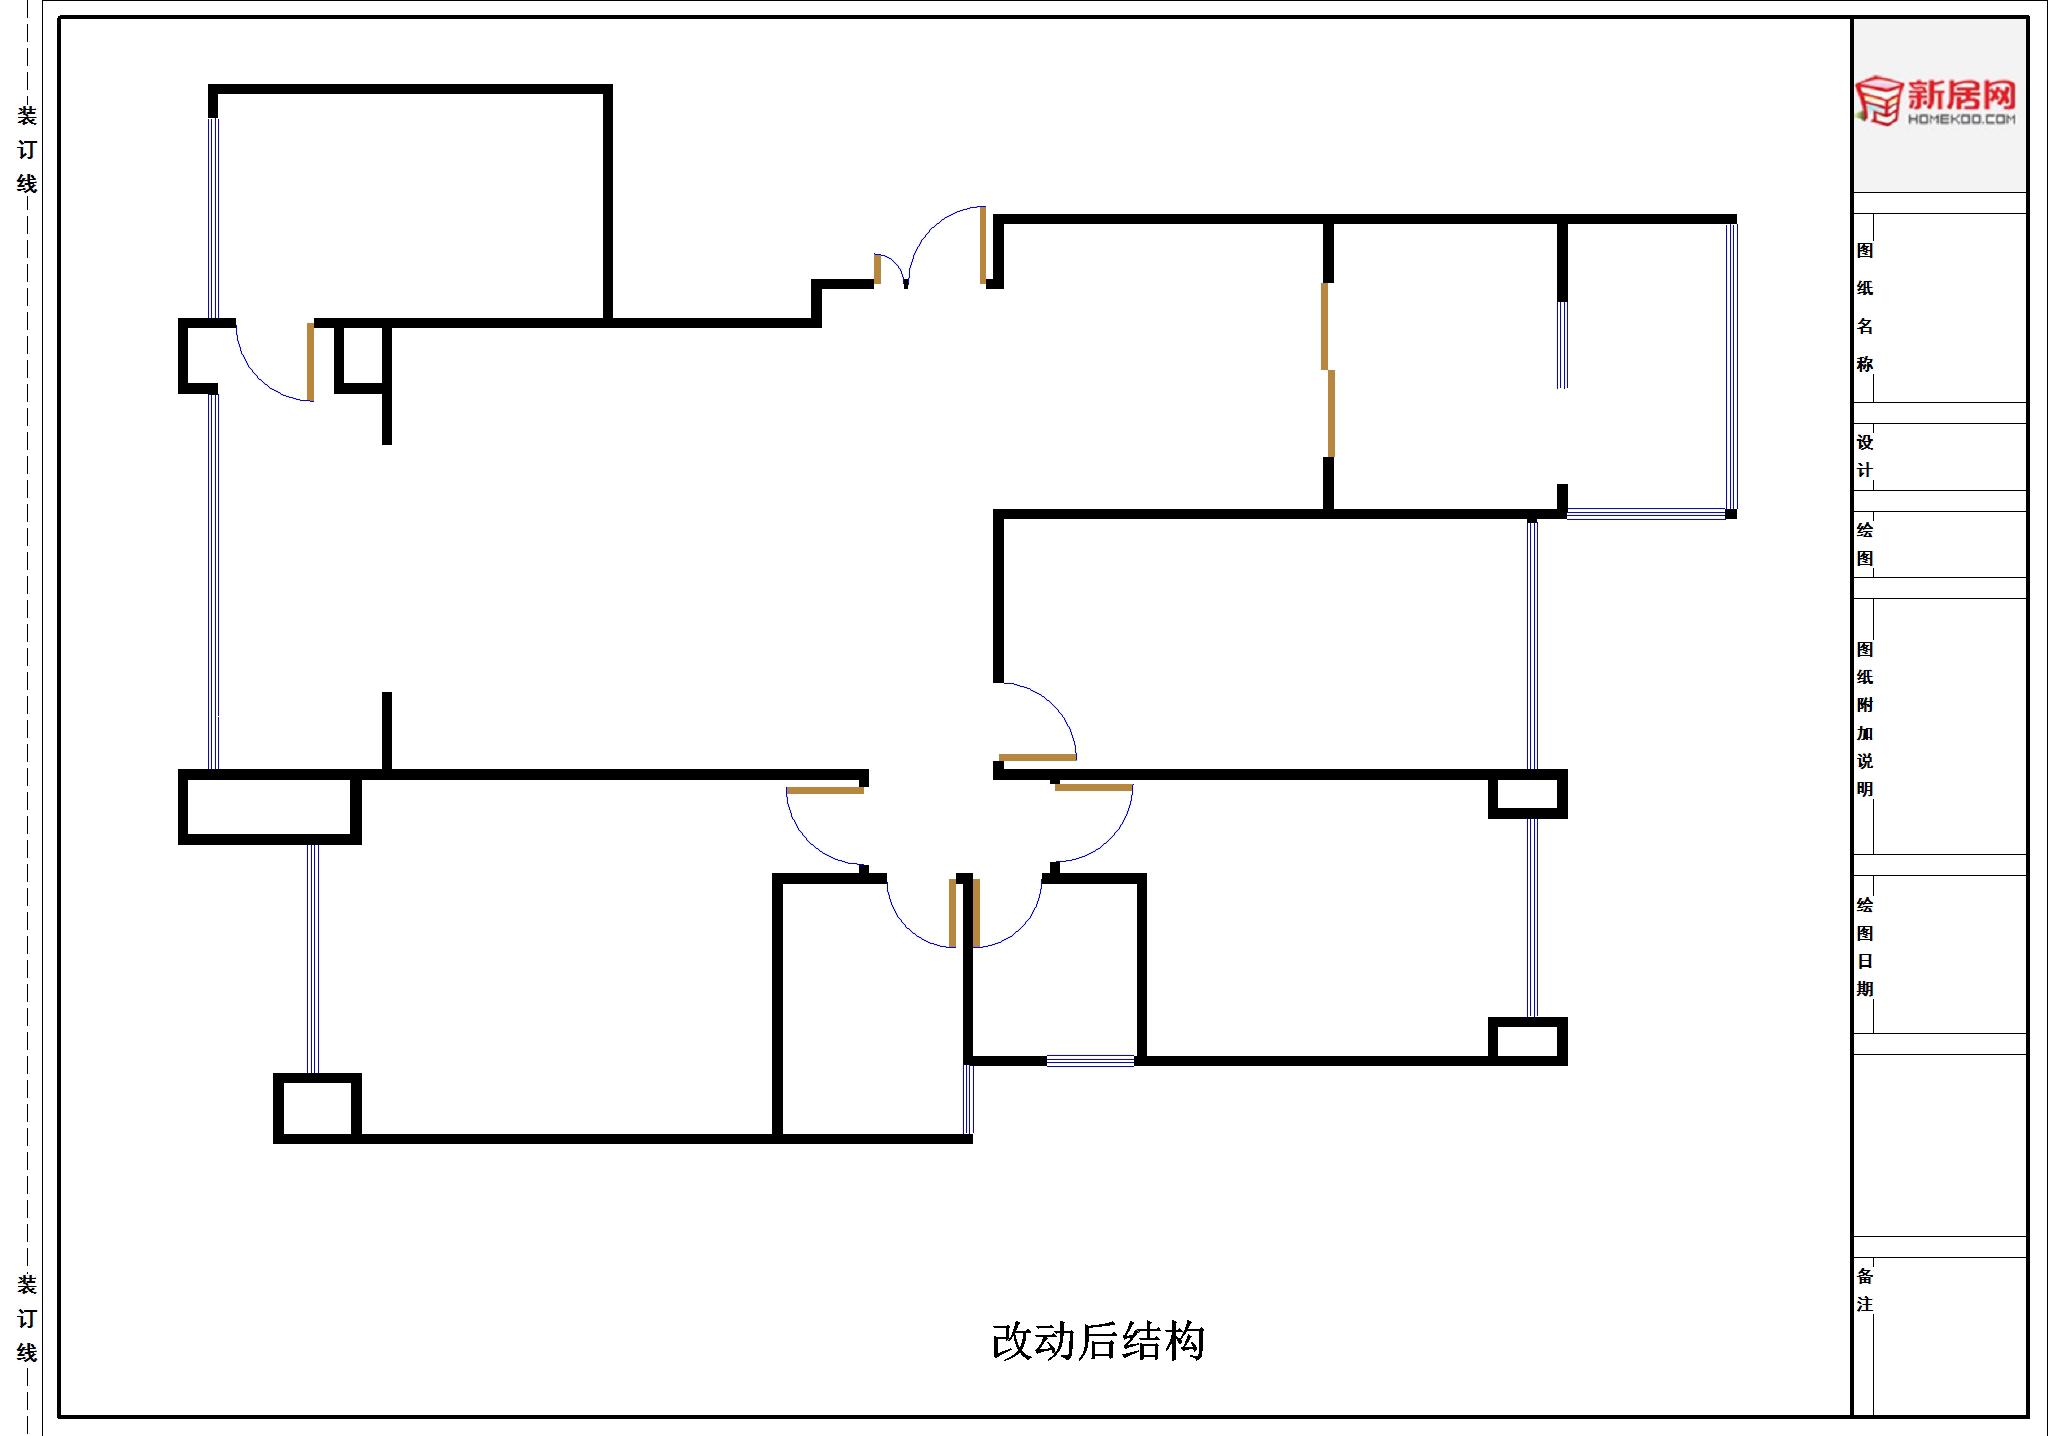 899豪华设计包 158.00㎡ 成都 锦江区 塔子山壹号 不确定